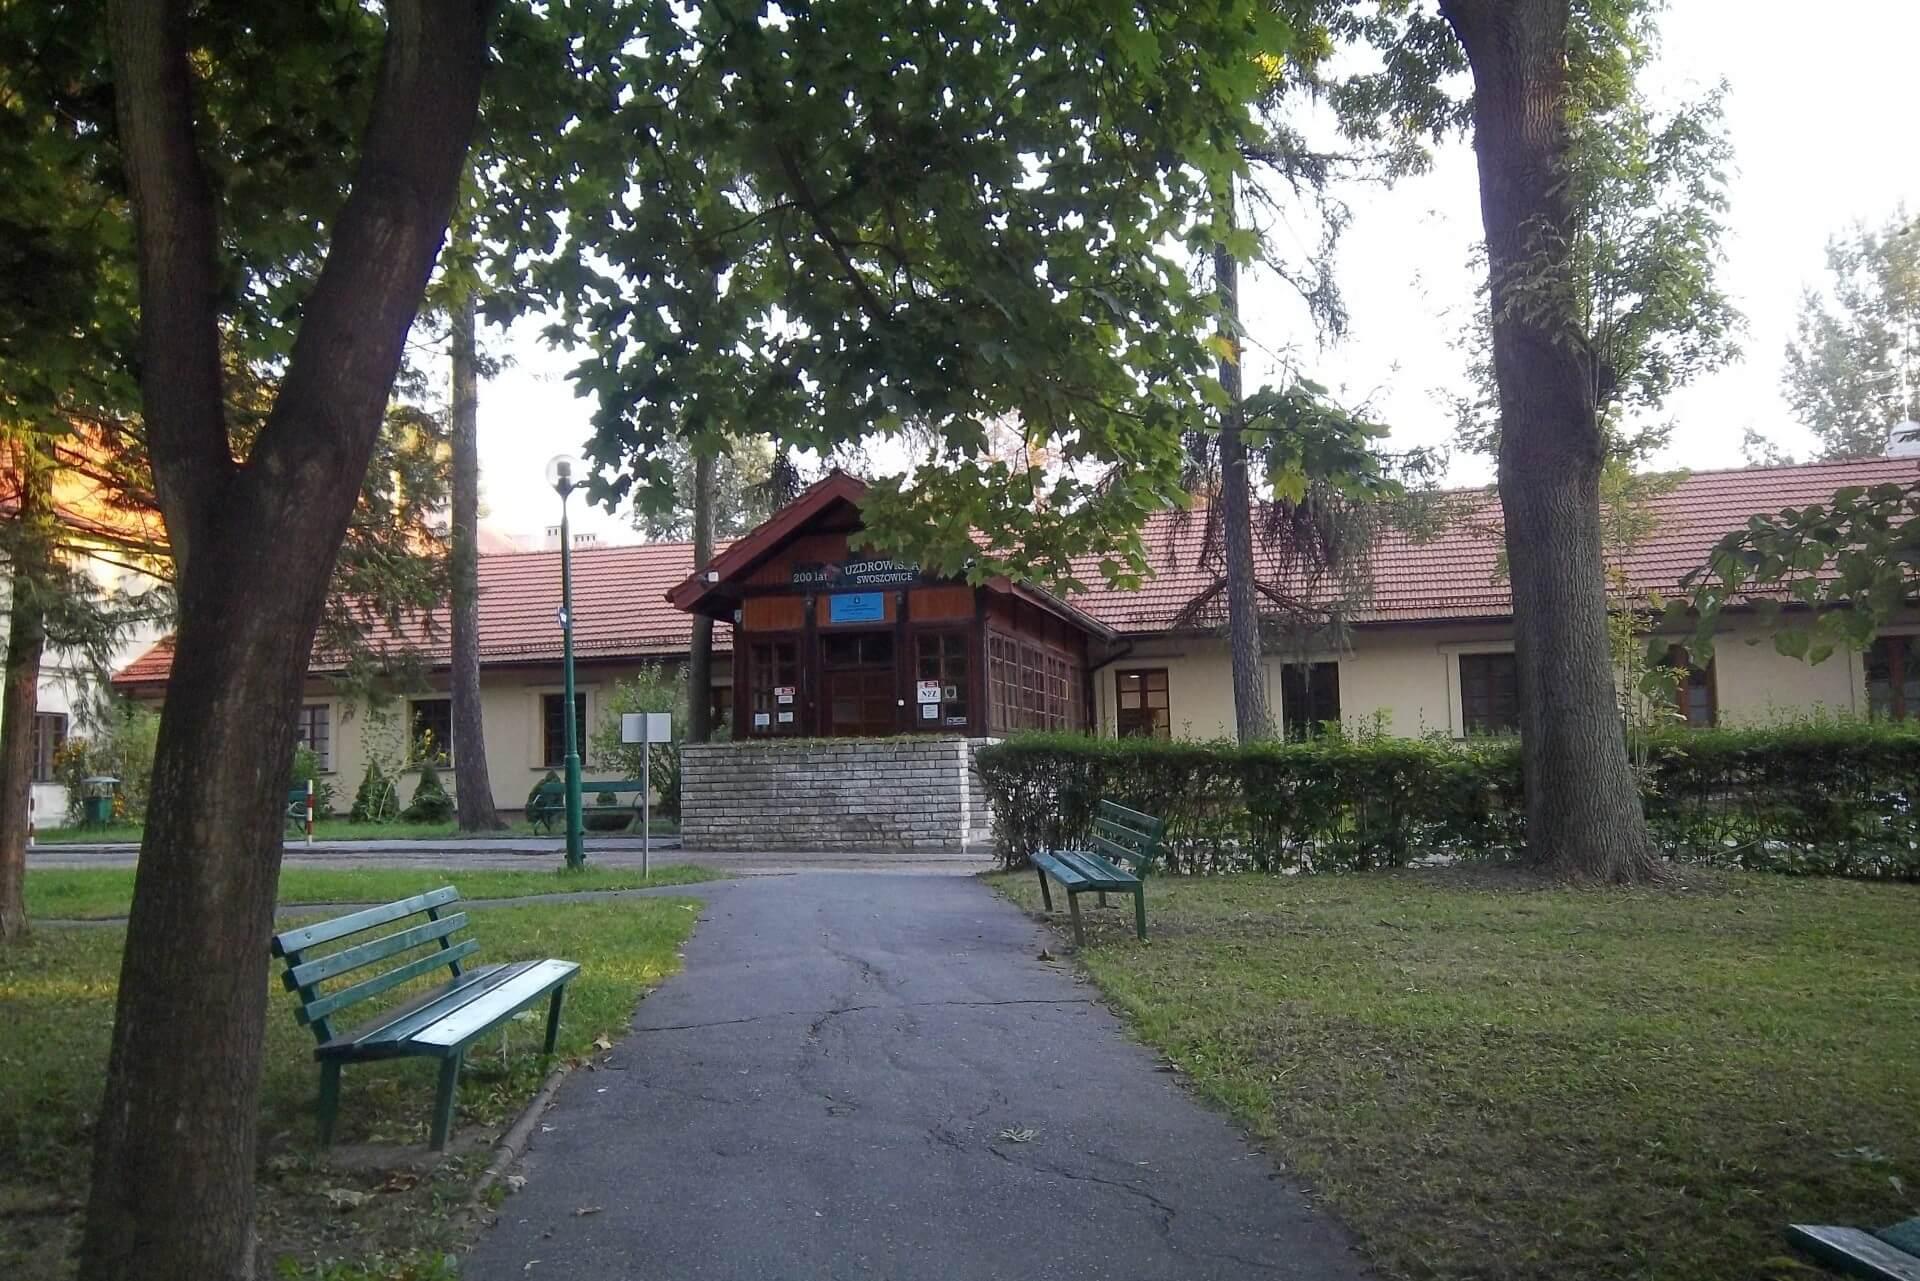 Plan rozwoju dla osiedla Uzdrowisko Swoszowice / fot. Elżbieta Ćwik